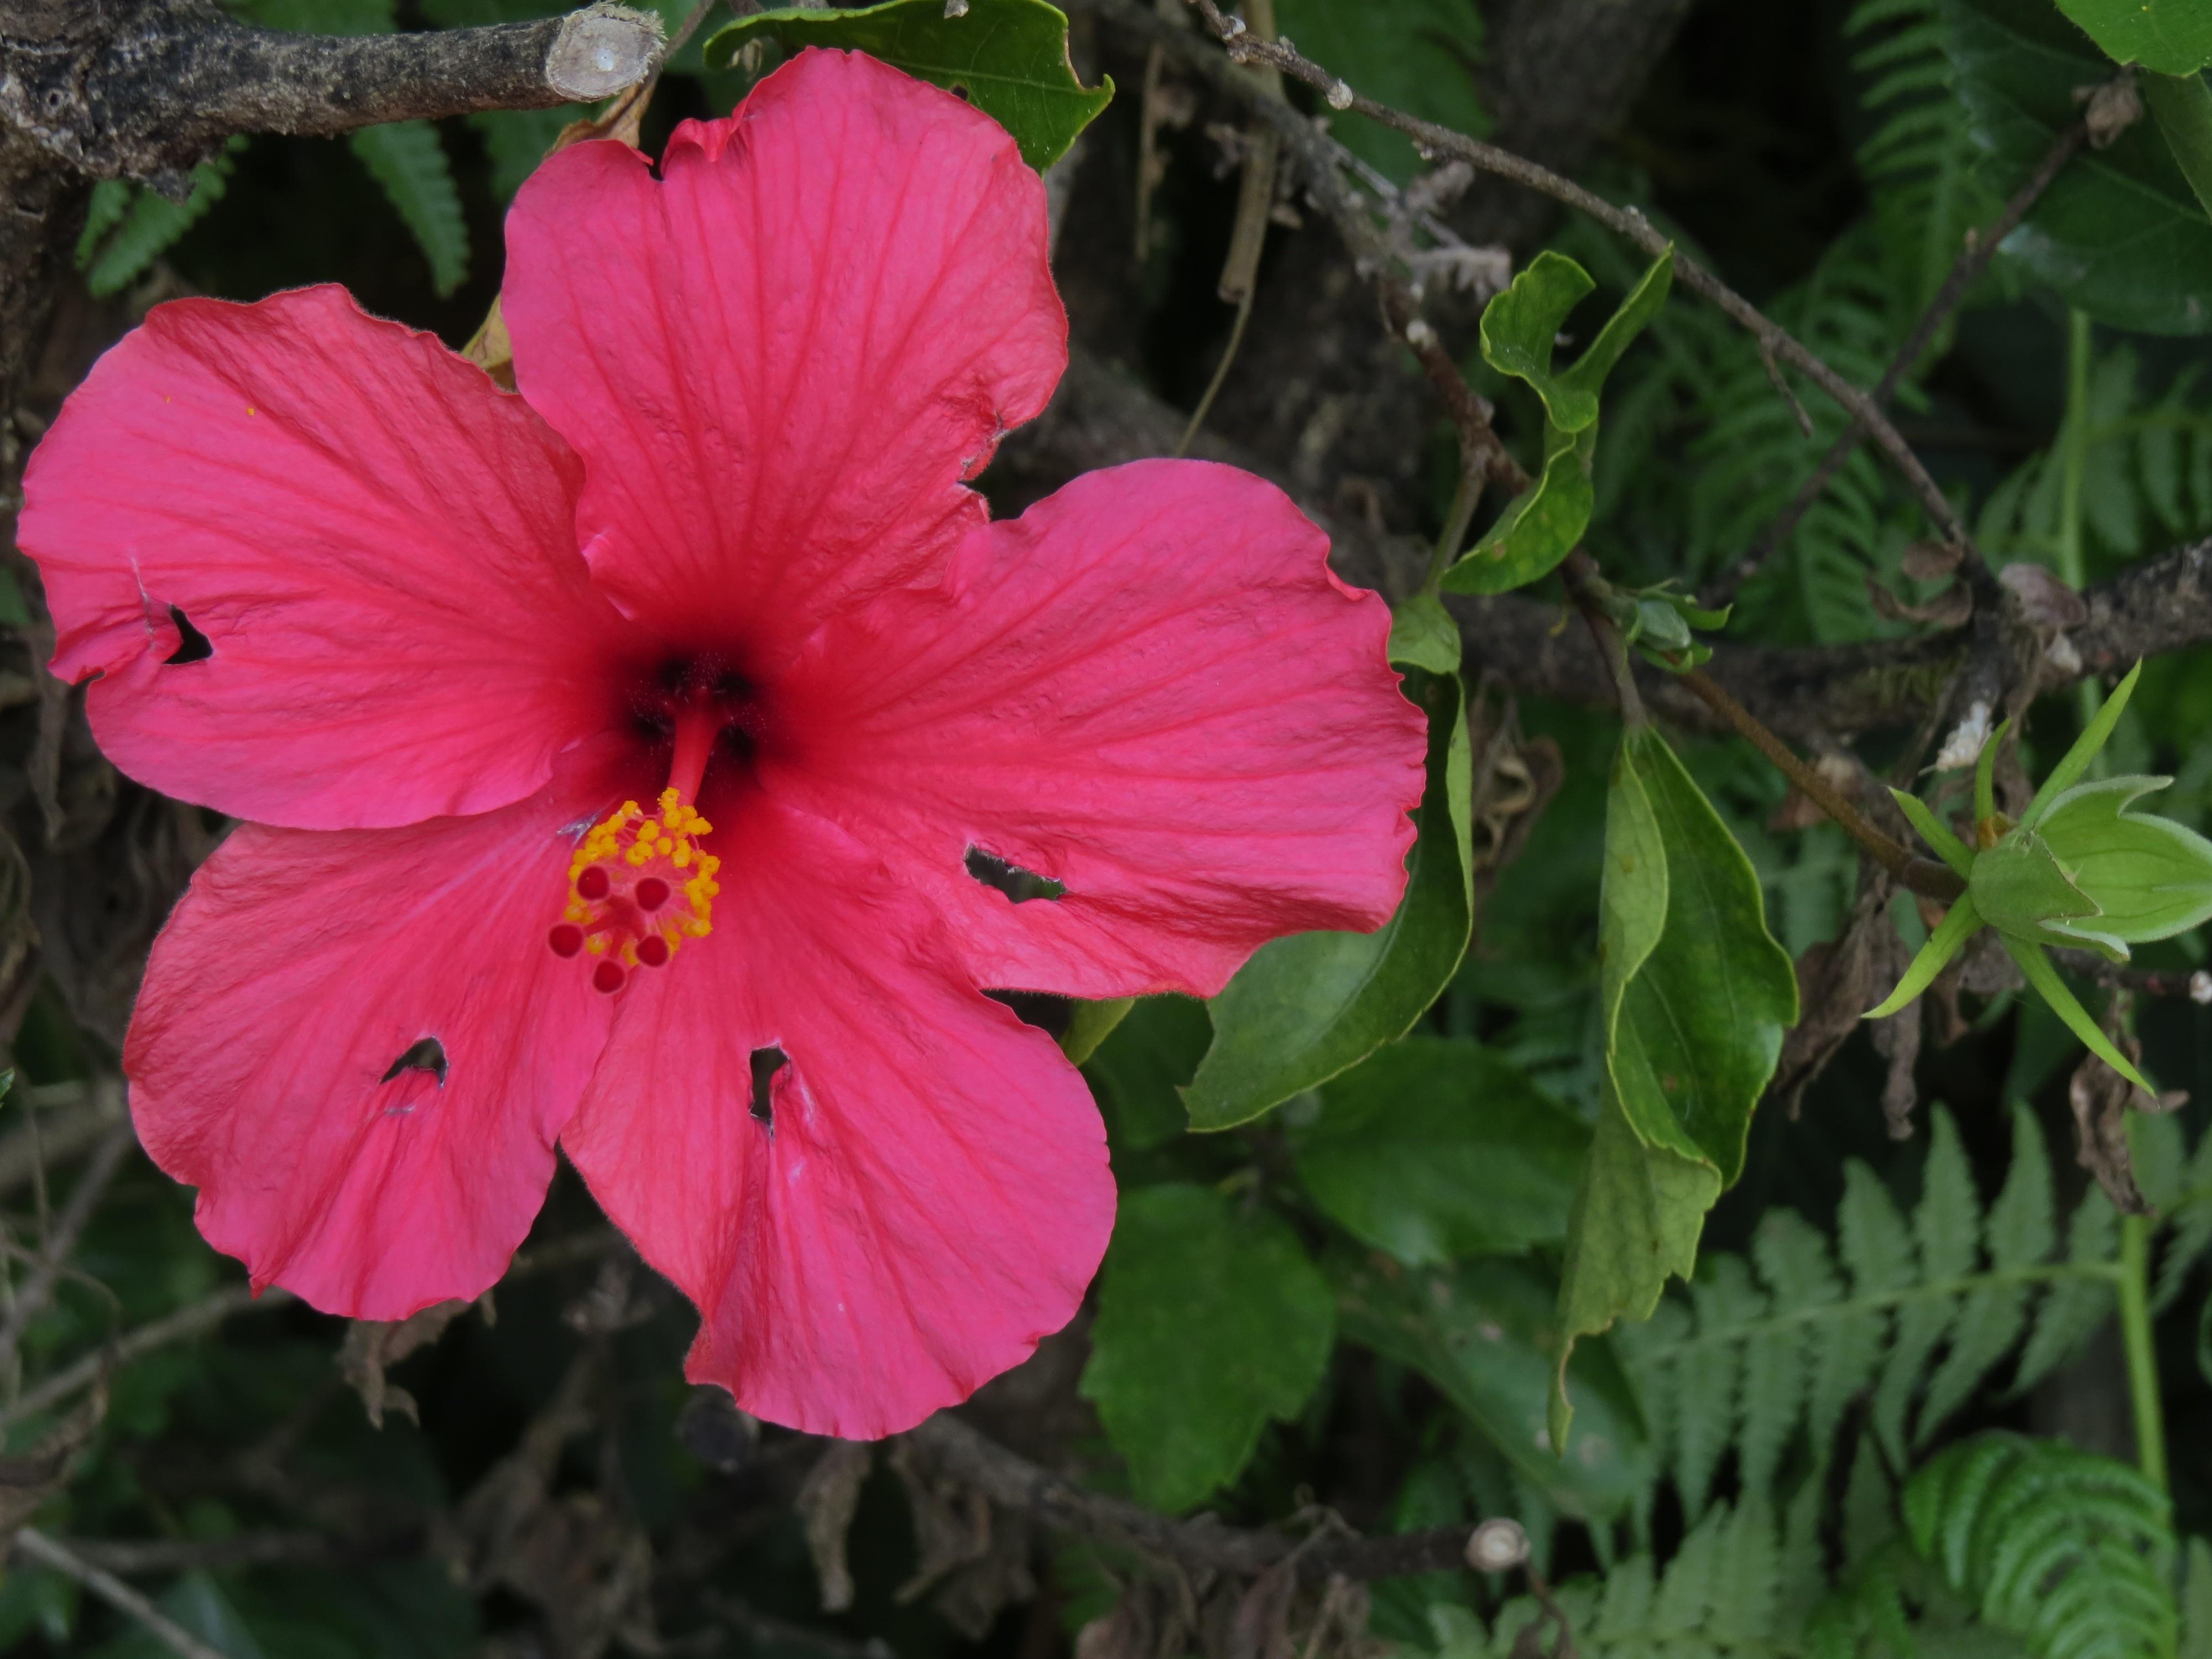 Fotoğraf Doğa Taçyaprağı Yaz çevre Renk Doğal Botanik Bitki